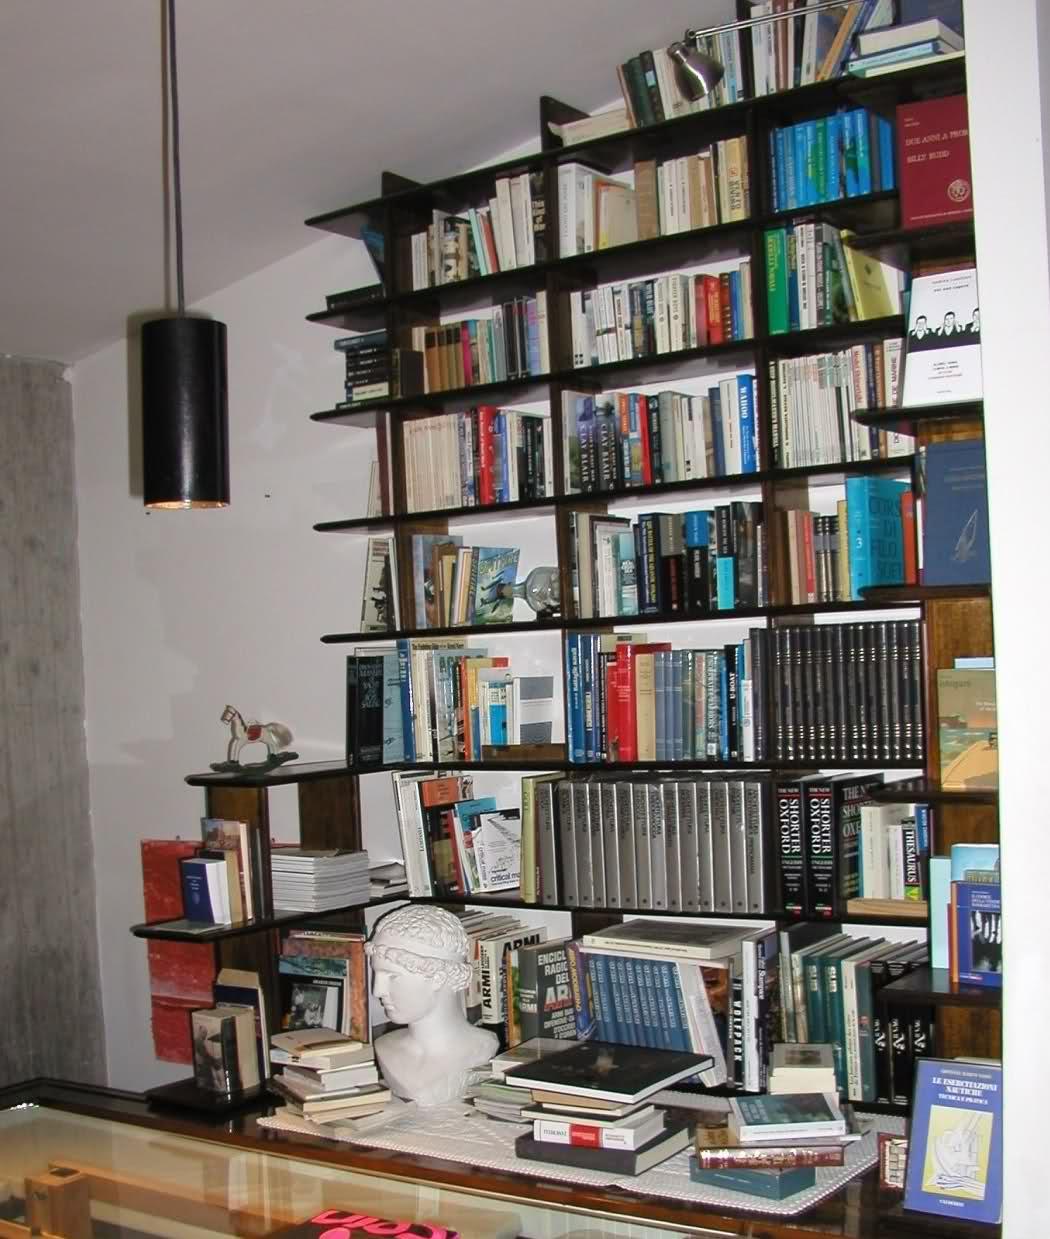 Mobili componibili fai da te tante idee creative foto for Libreria fai da te